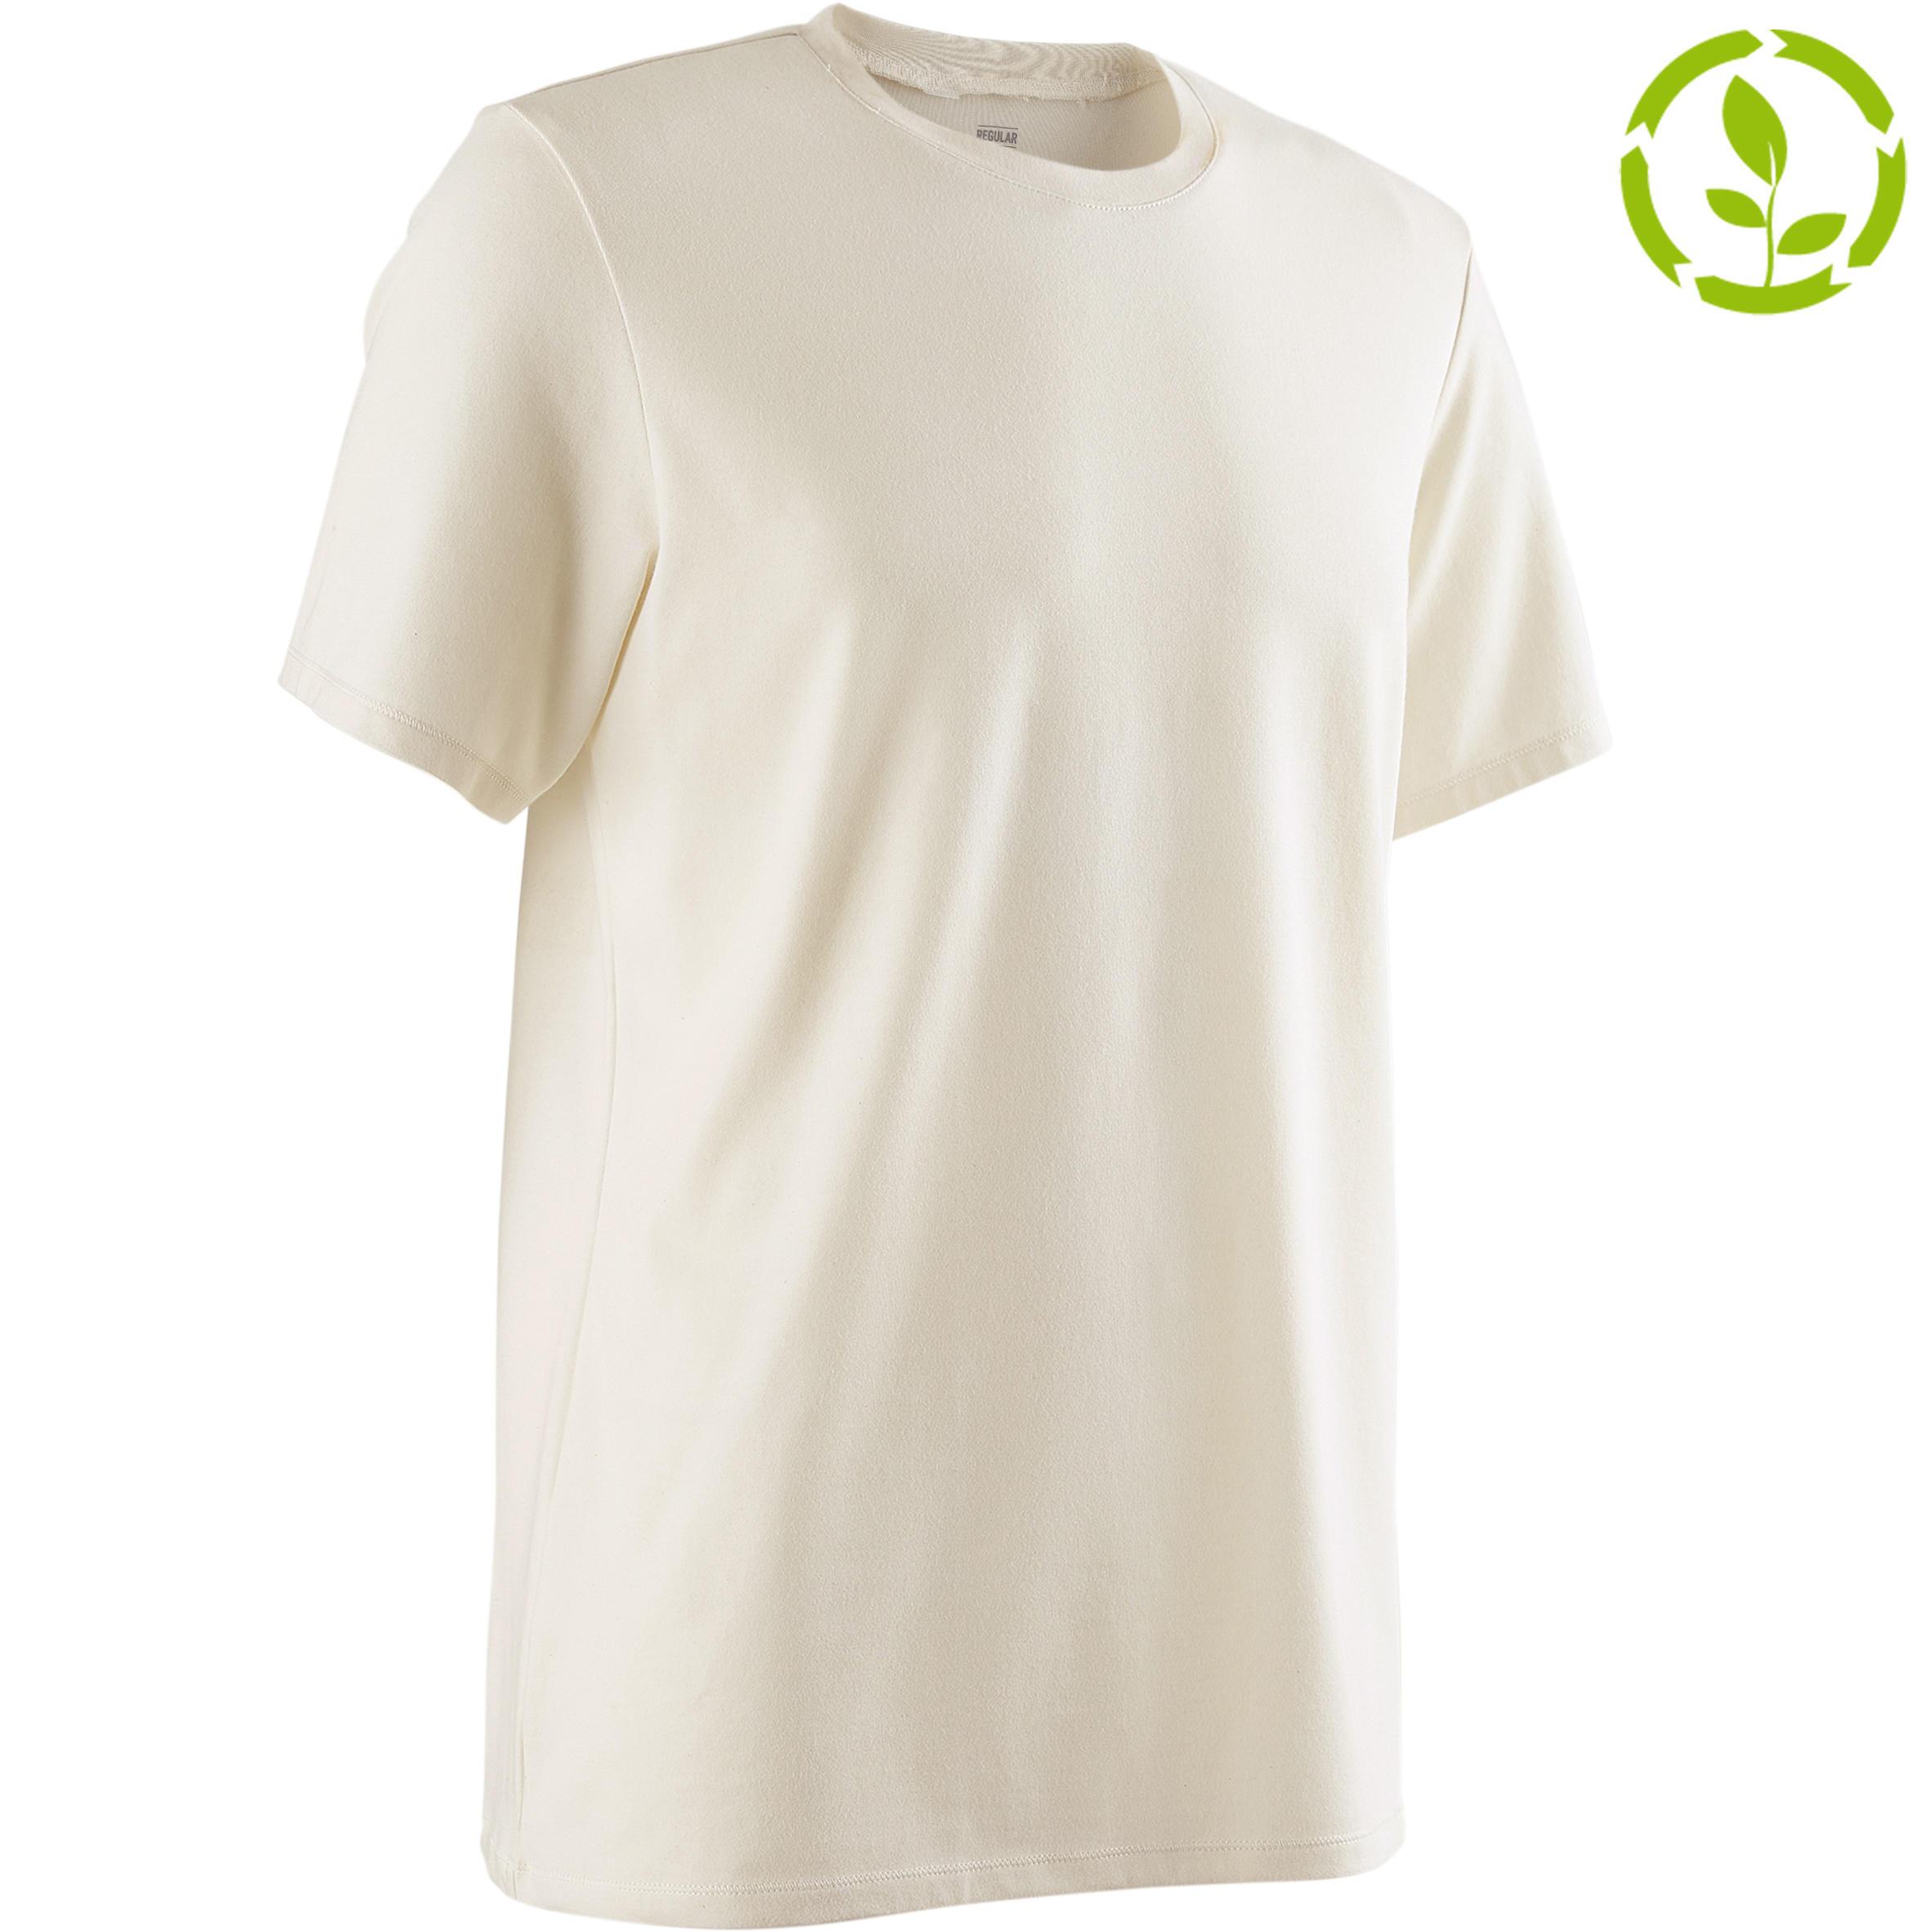 T-Shirt 500 Regular Pilates sanfte Gym Herren greige | Sportbekleidung > Sportshirts > Poloshirts | Domyos